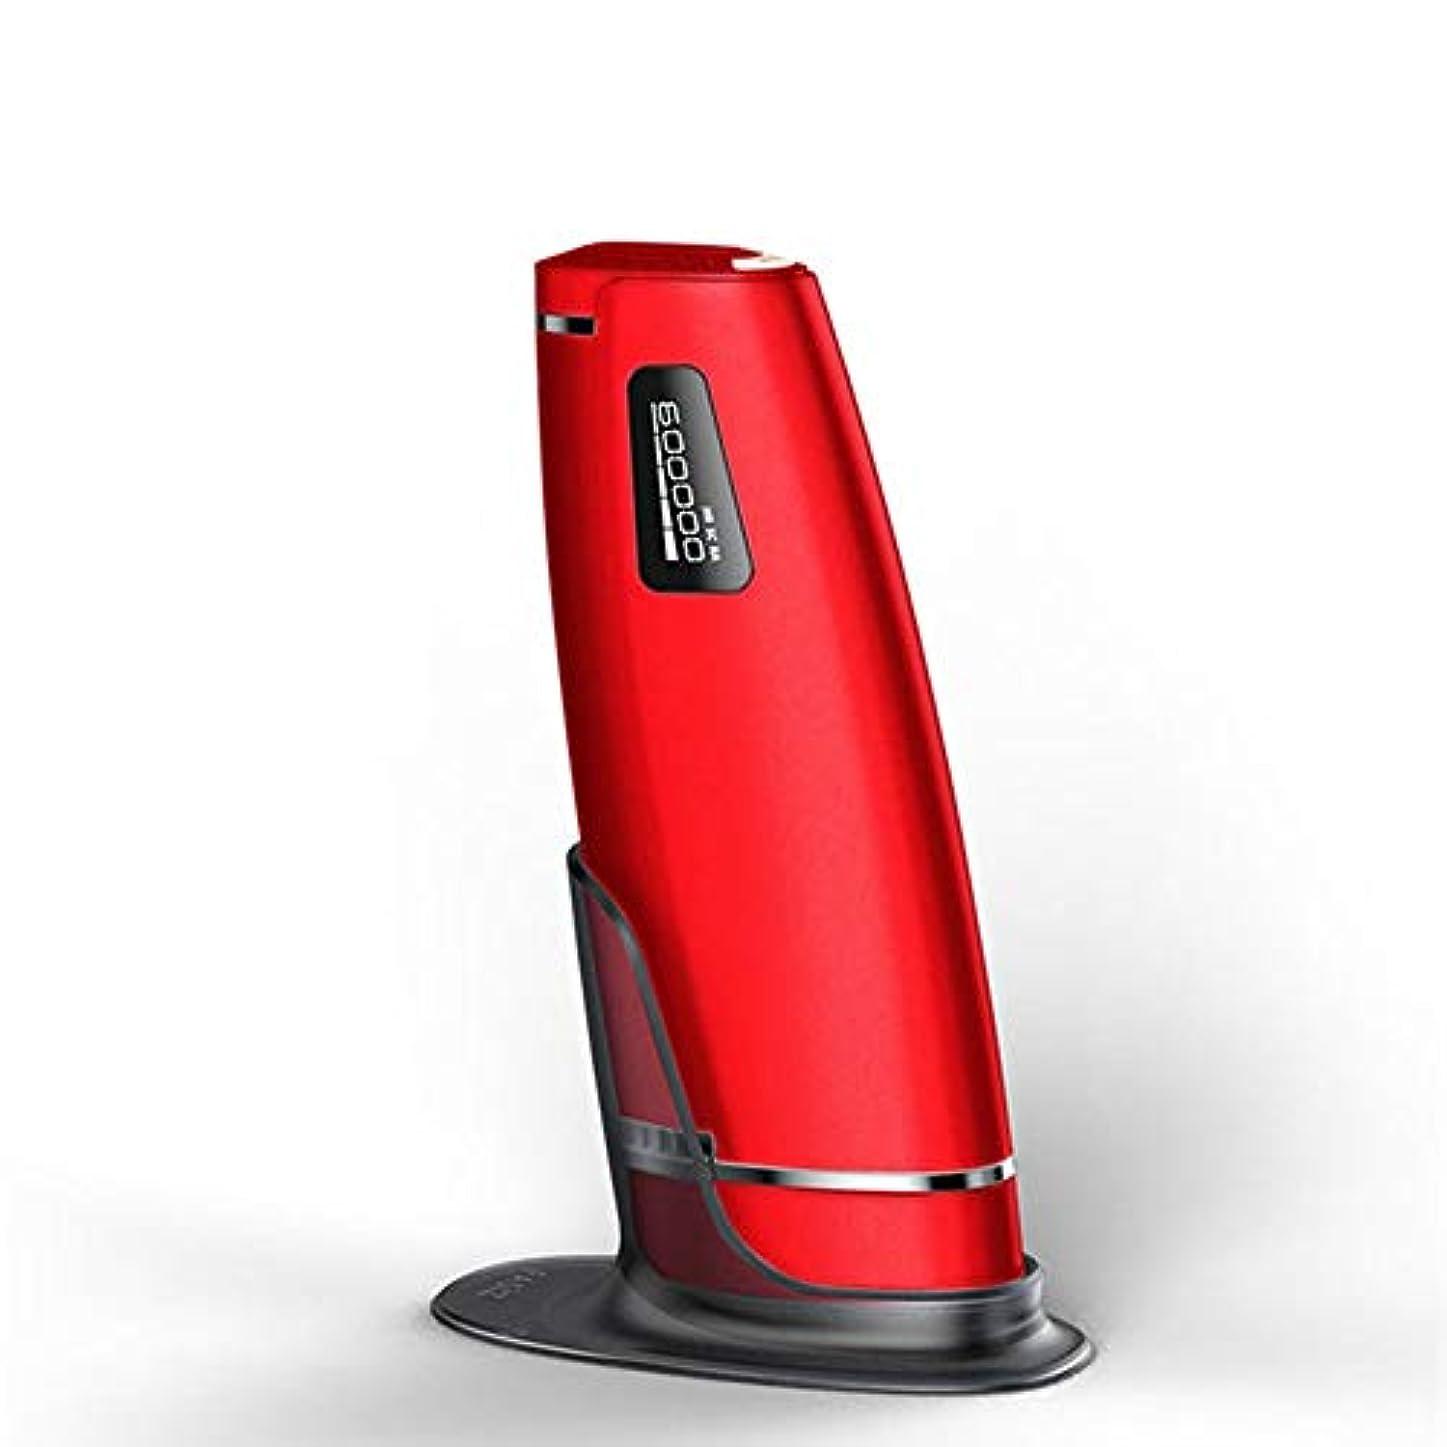 眠る六手当Iku夫 赤、デュアルモード、ホームオートマチック無痛脱毛剤、携帯用永久脱毛剤、5スピード調整、サイズ20.5 X 4.5 X 7 Cm (Color : Red)